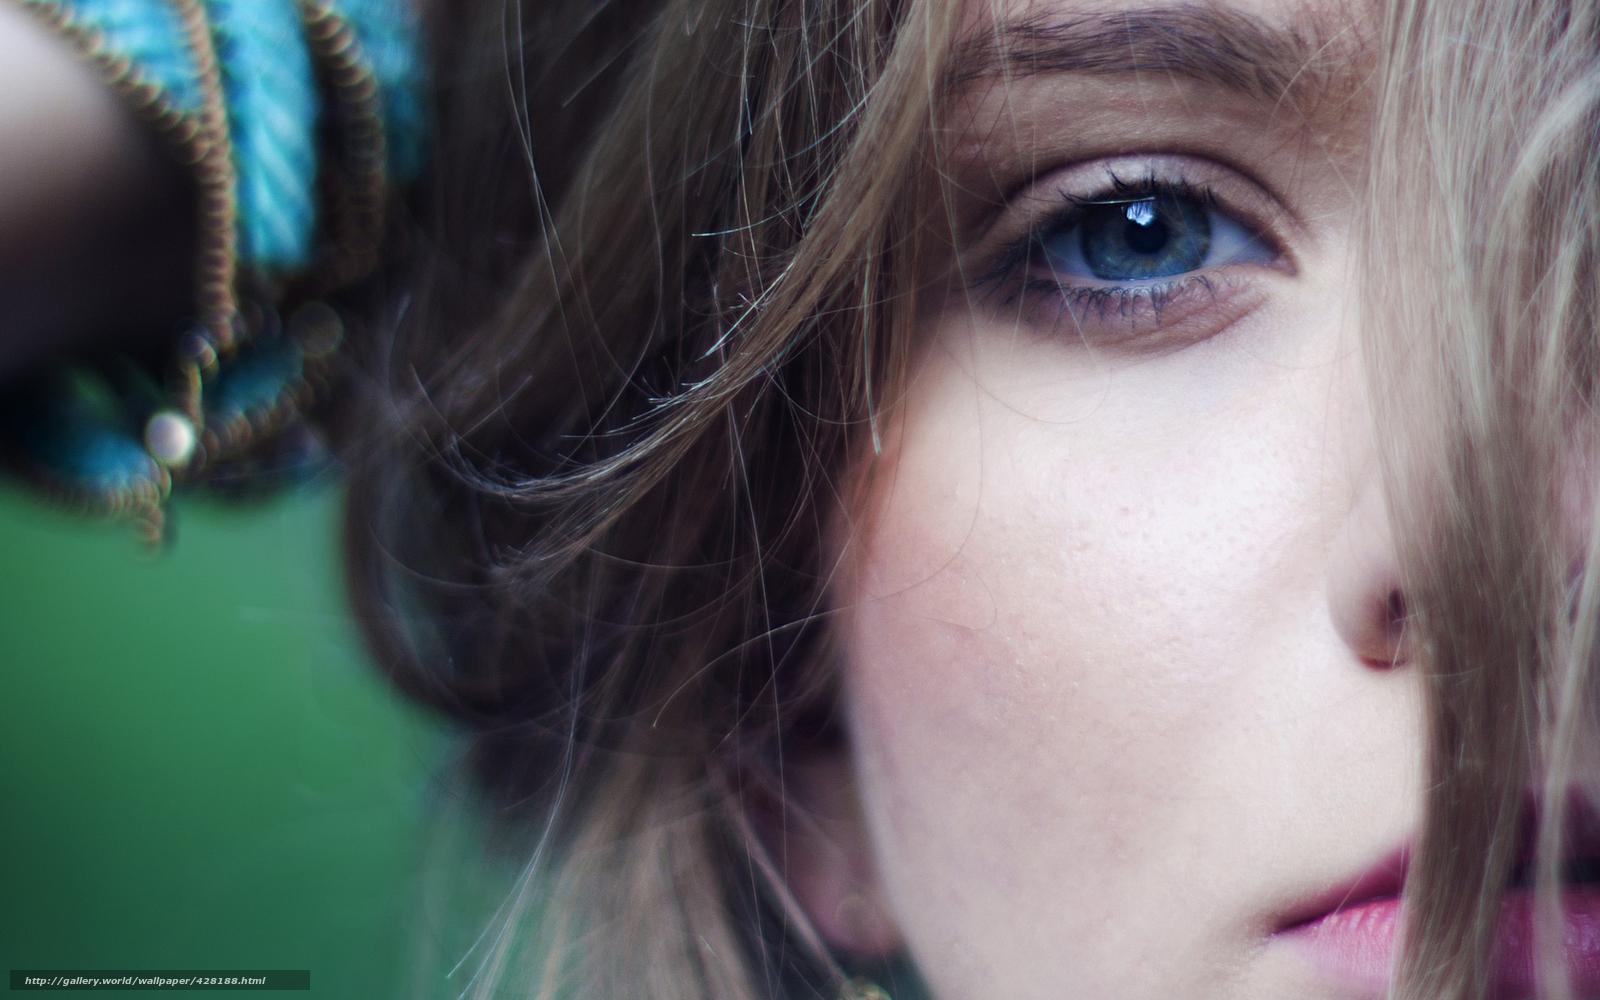 Фотогалерея лиц девушек крупным планом 18 фотография